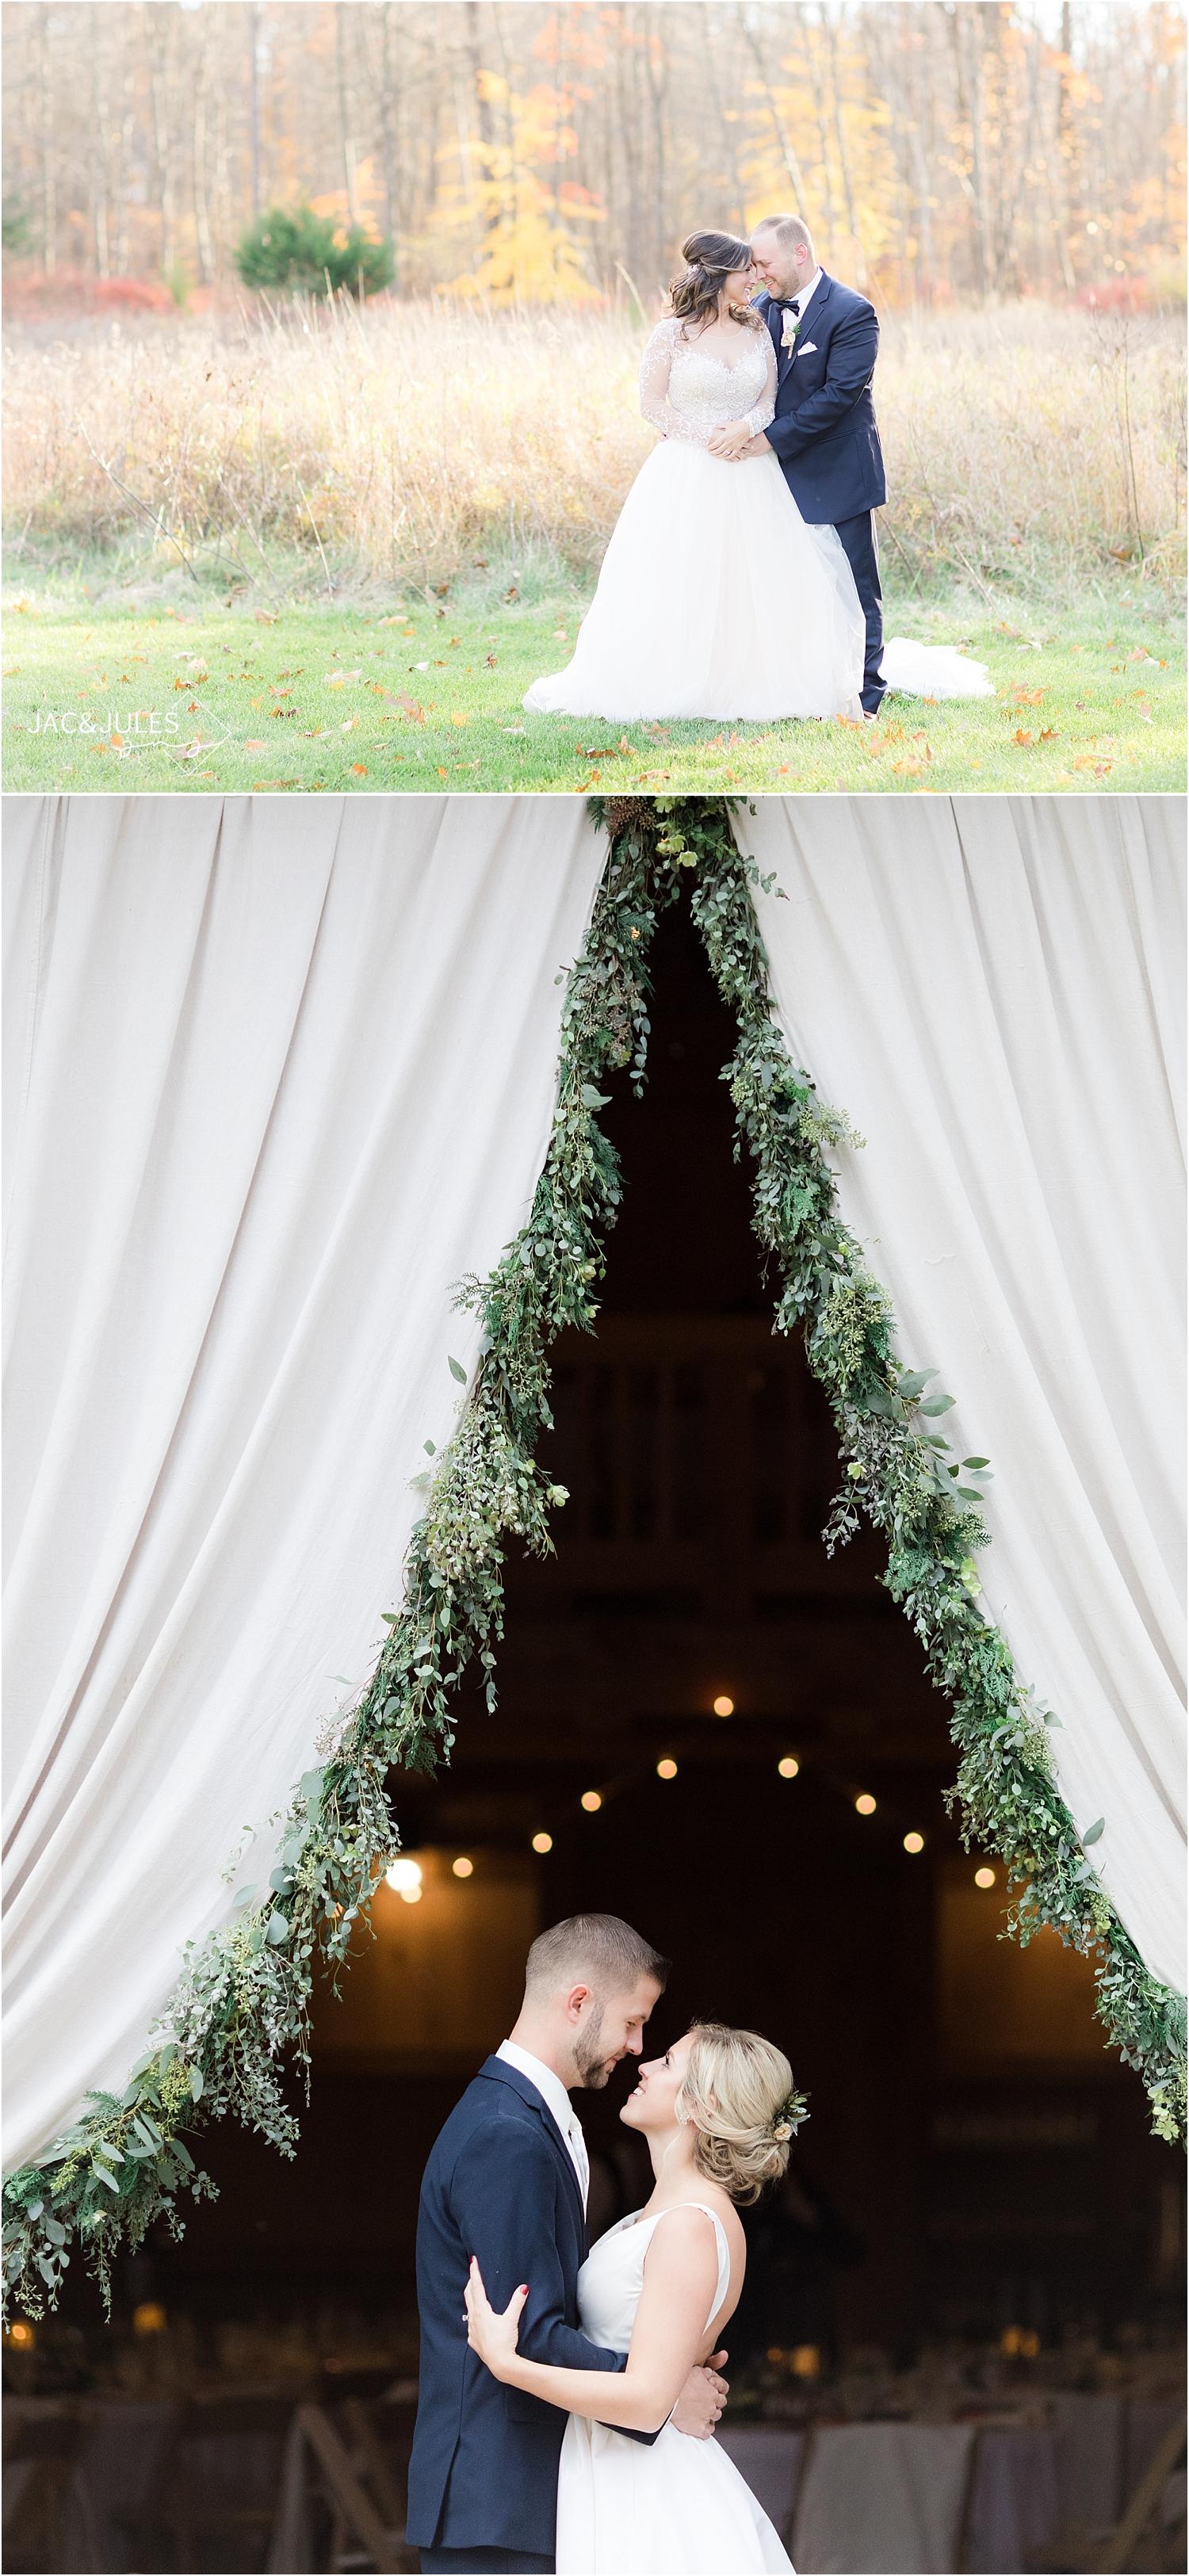 romantic wedding photo at Perona Farms